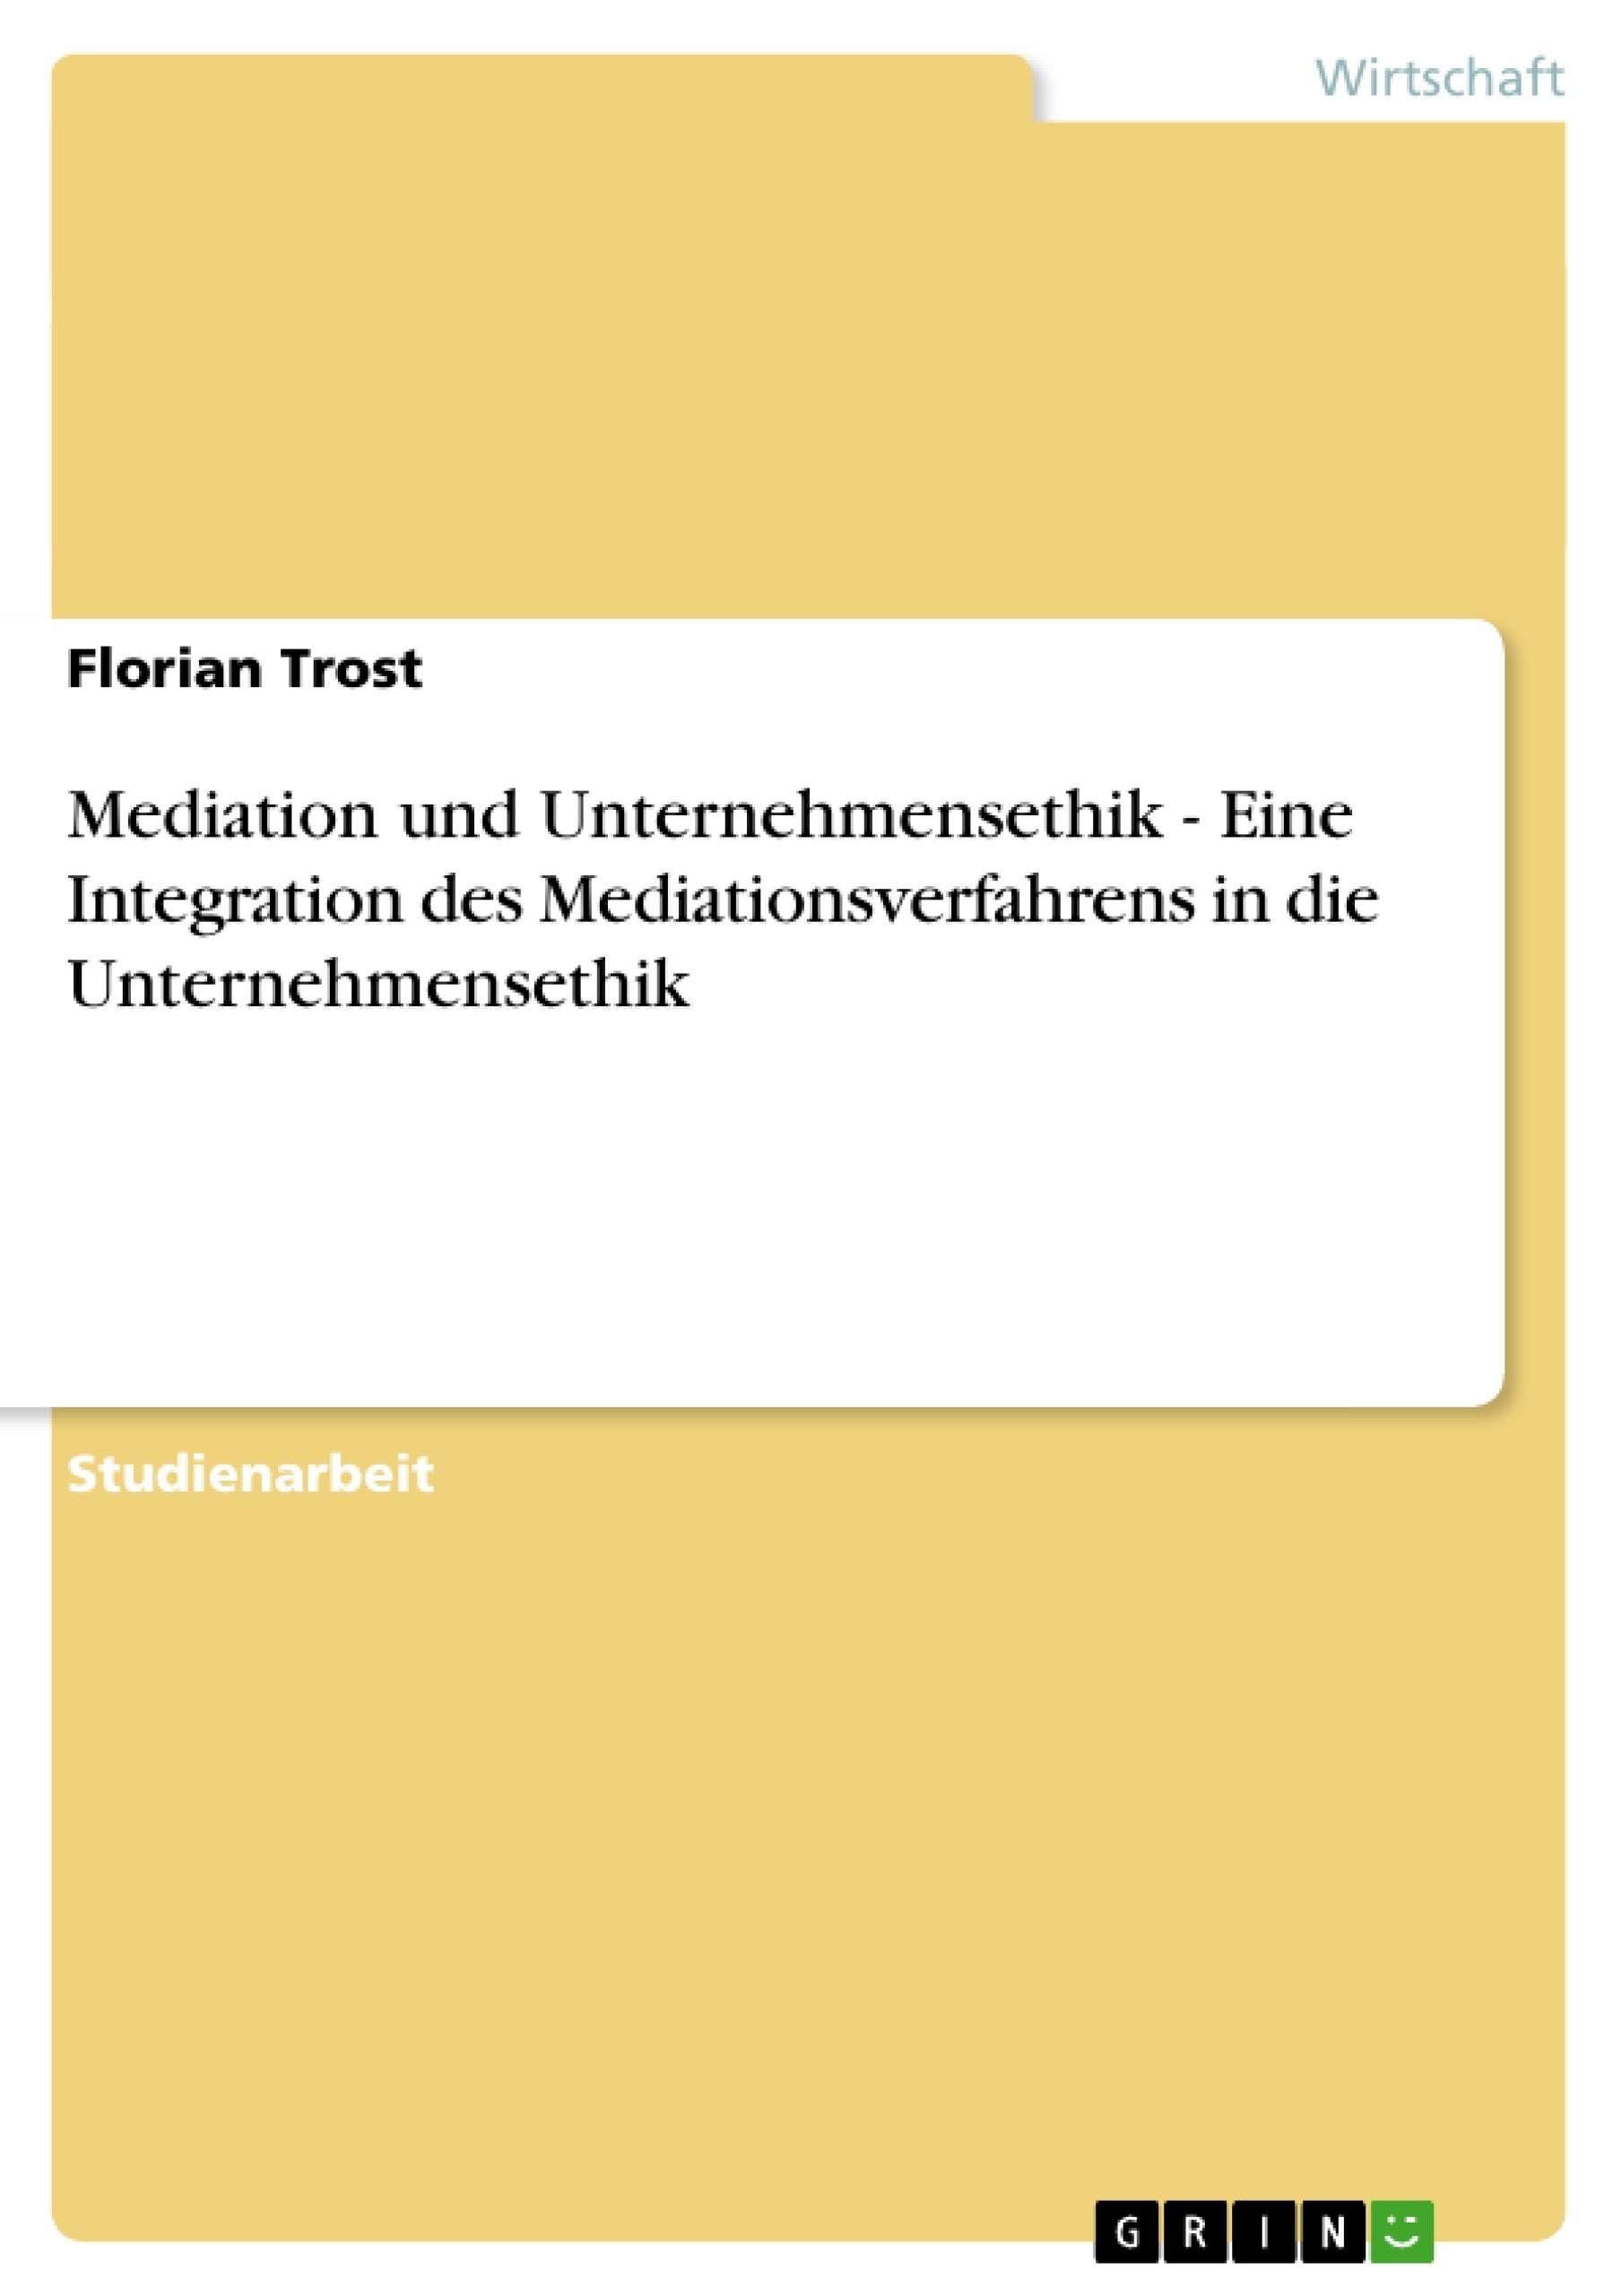 Titel: Mediation und Unternehmensethik - Eine Integration des Mediationsverfahrens in die Unternehmensethik